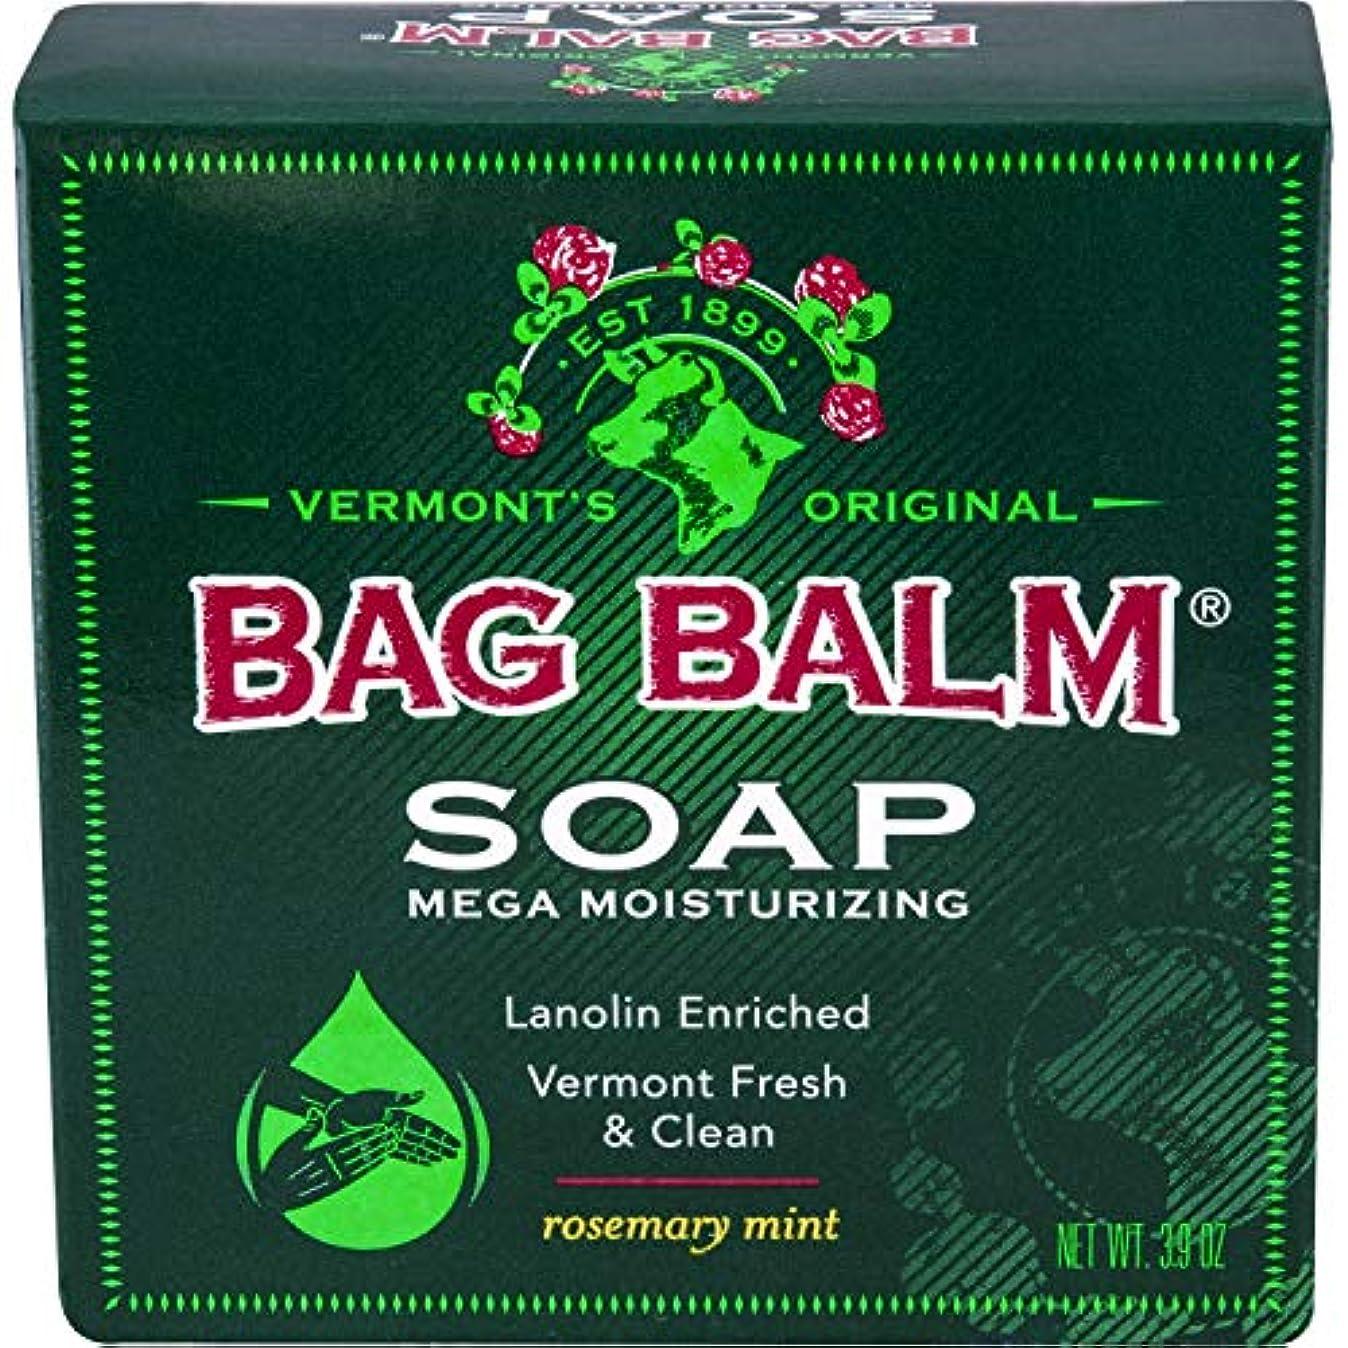 畝間みなさん放出Bag Balm メガモイスチャーソープローズマリーミント3.9オンスのバー(2バリューパック)